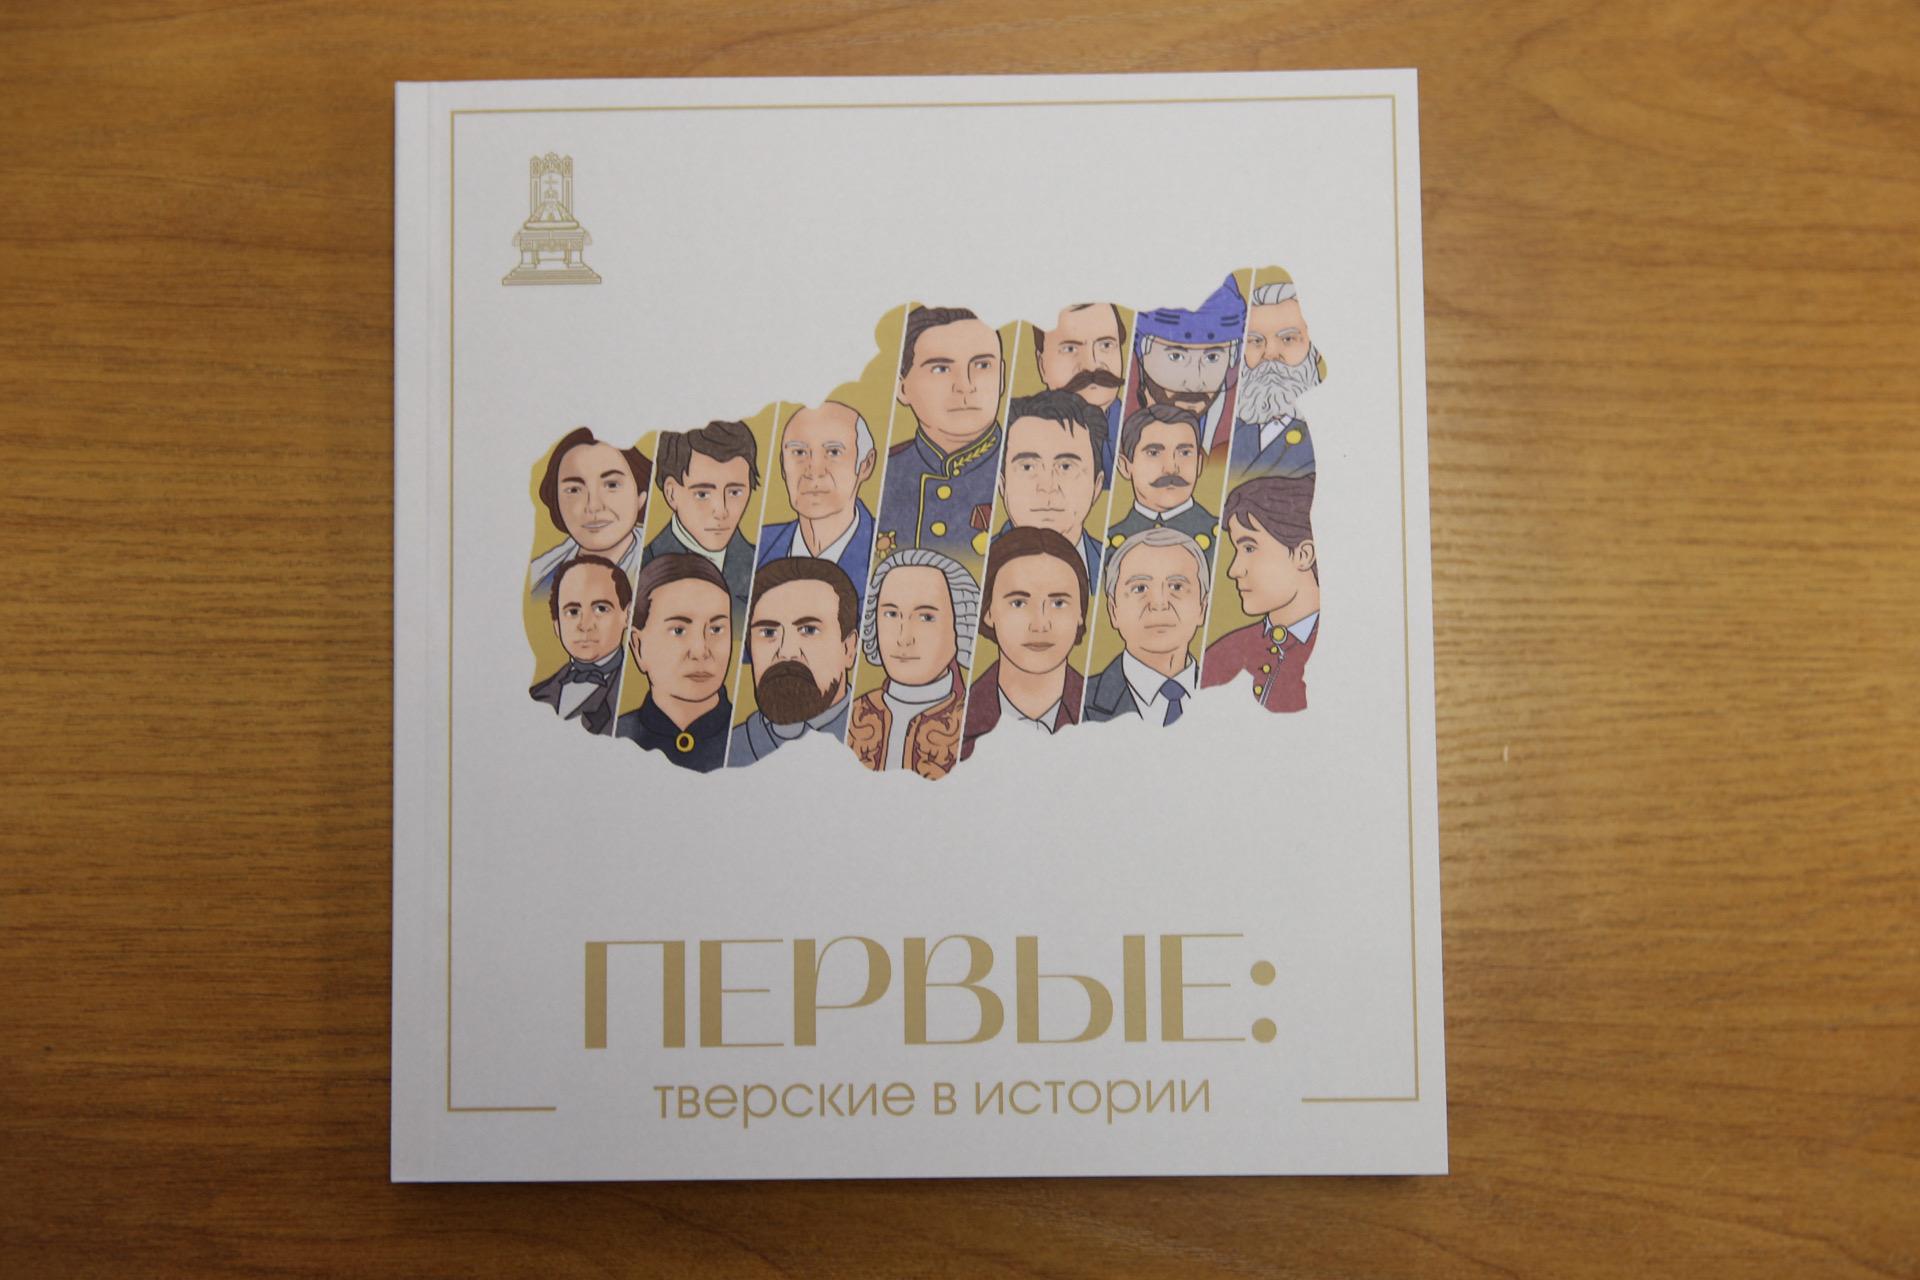 Первые: в Тверской области вышла книга об известных земляках